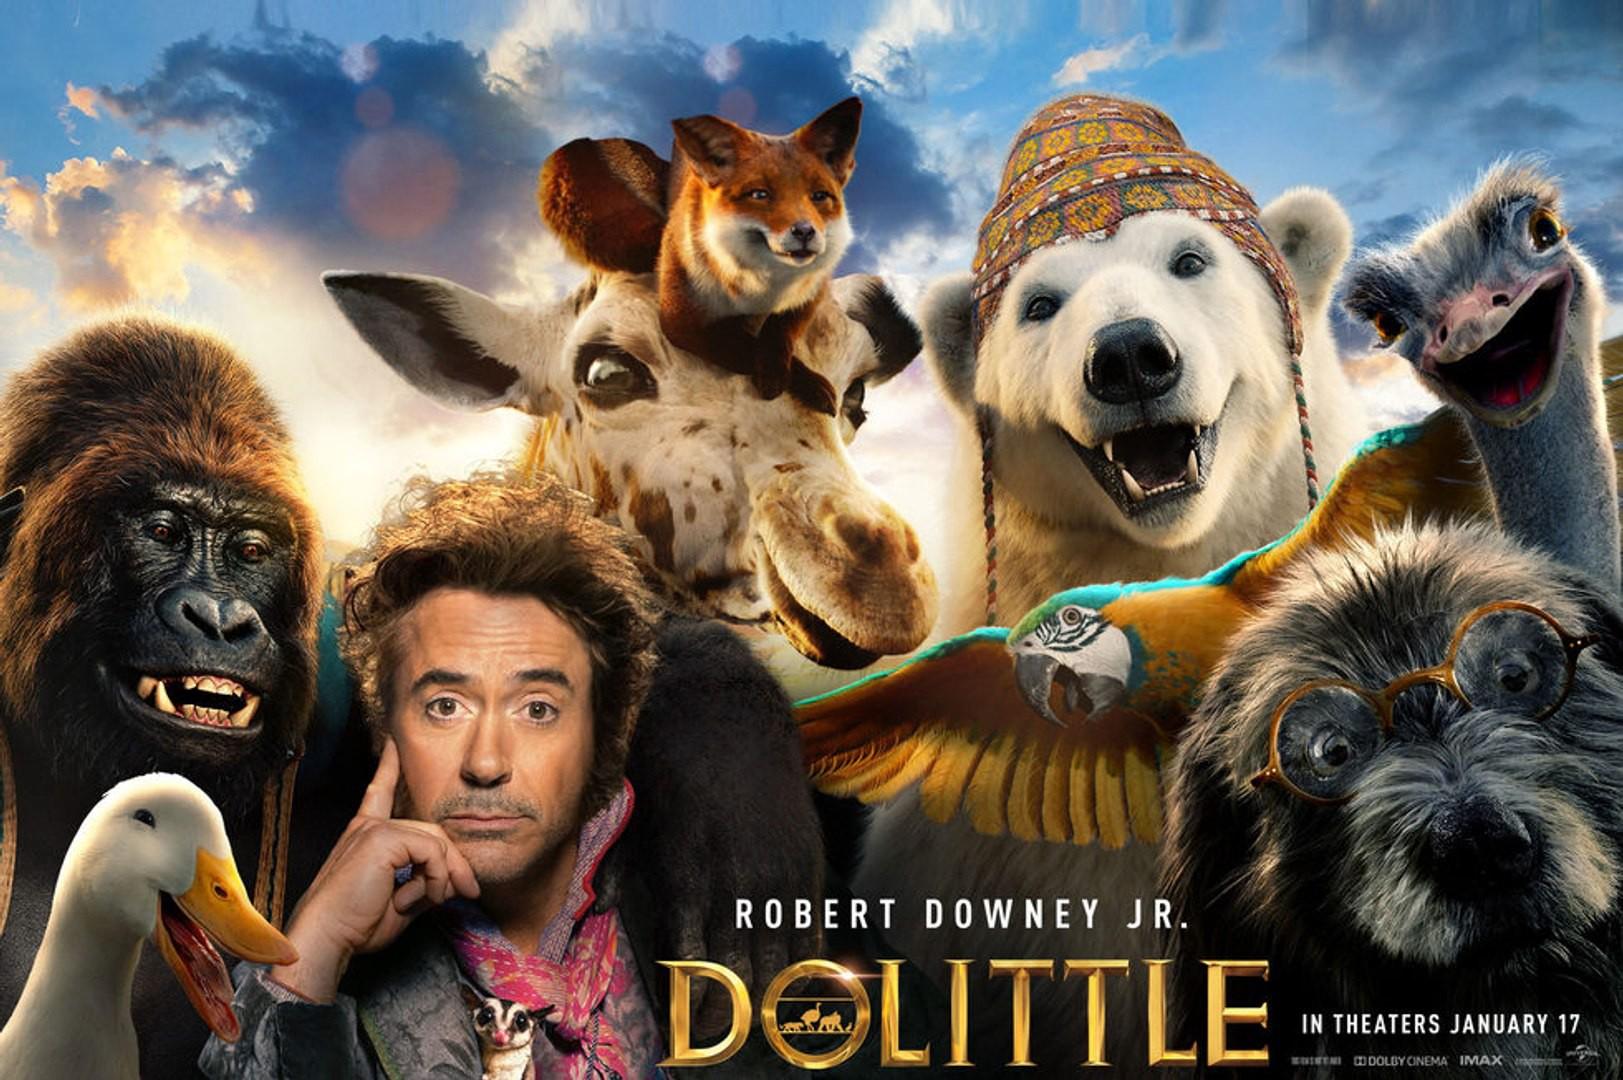 Dolittle: Filme ultrapassa U$200 milhões nas bilheterias mundias, mas pode dar prejuízo ao estúdio